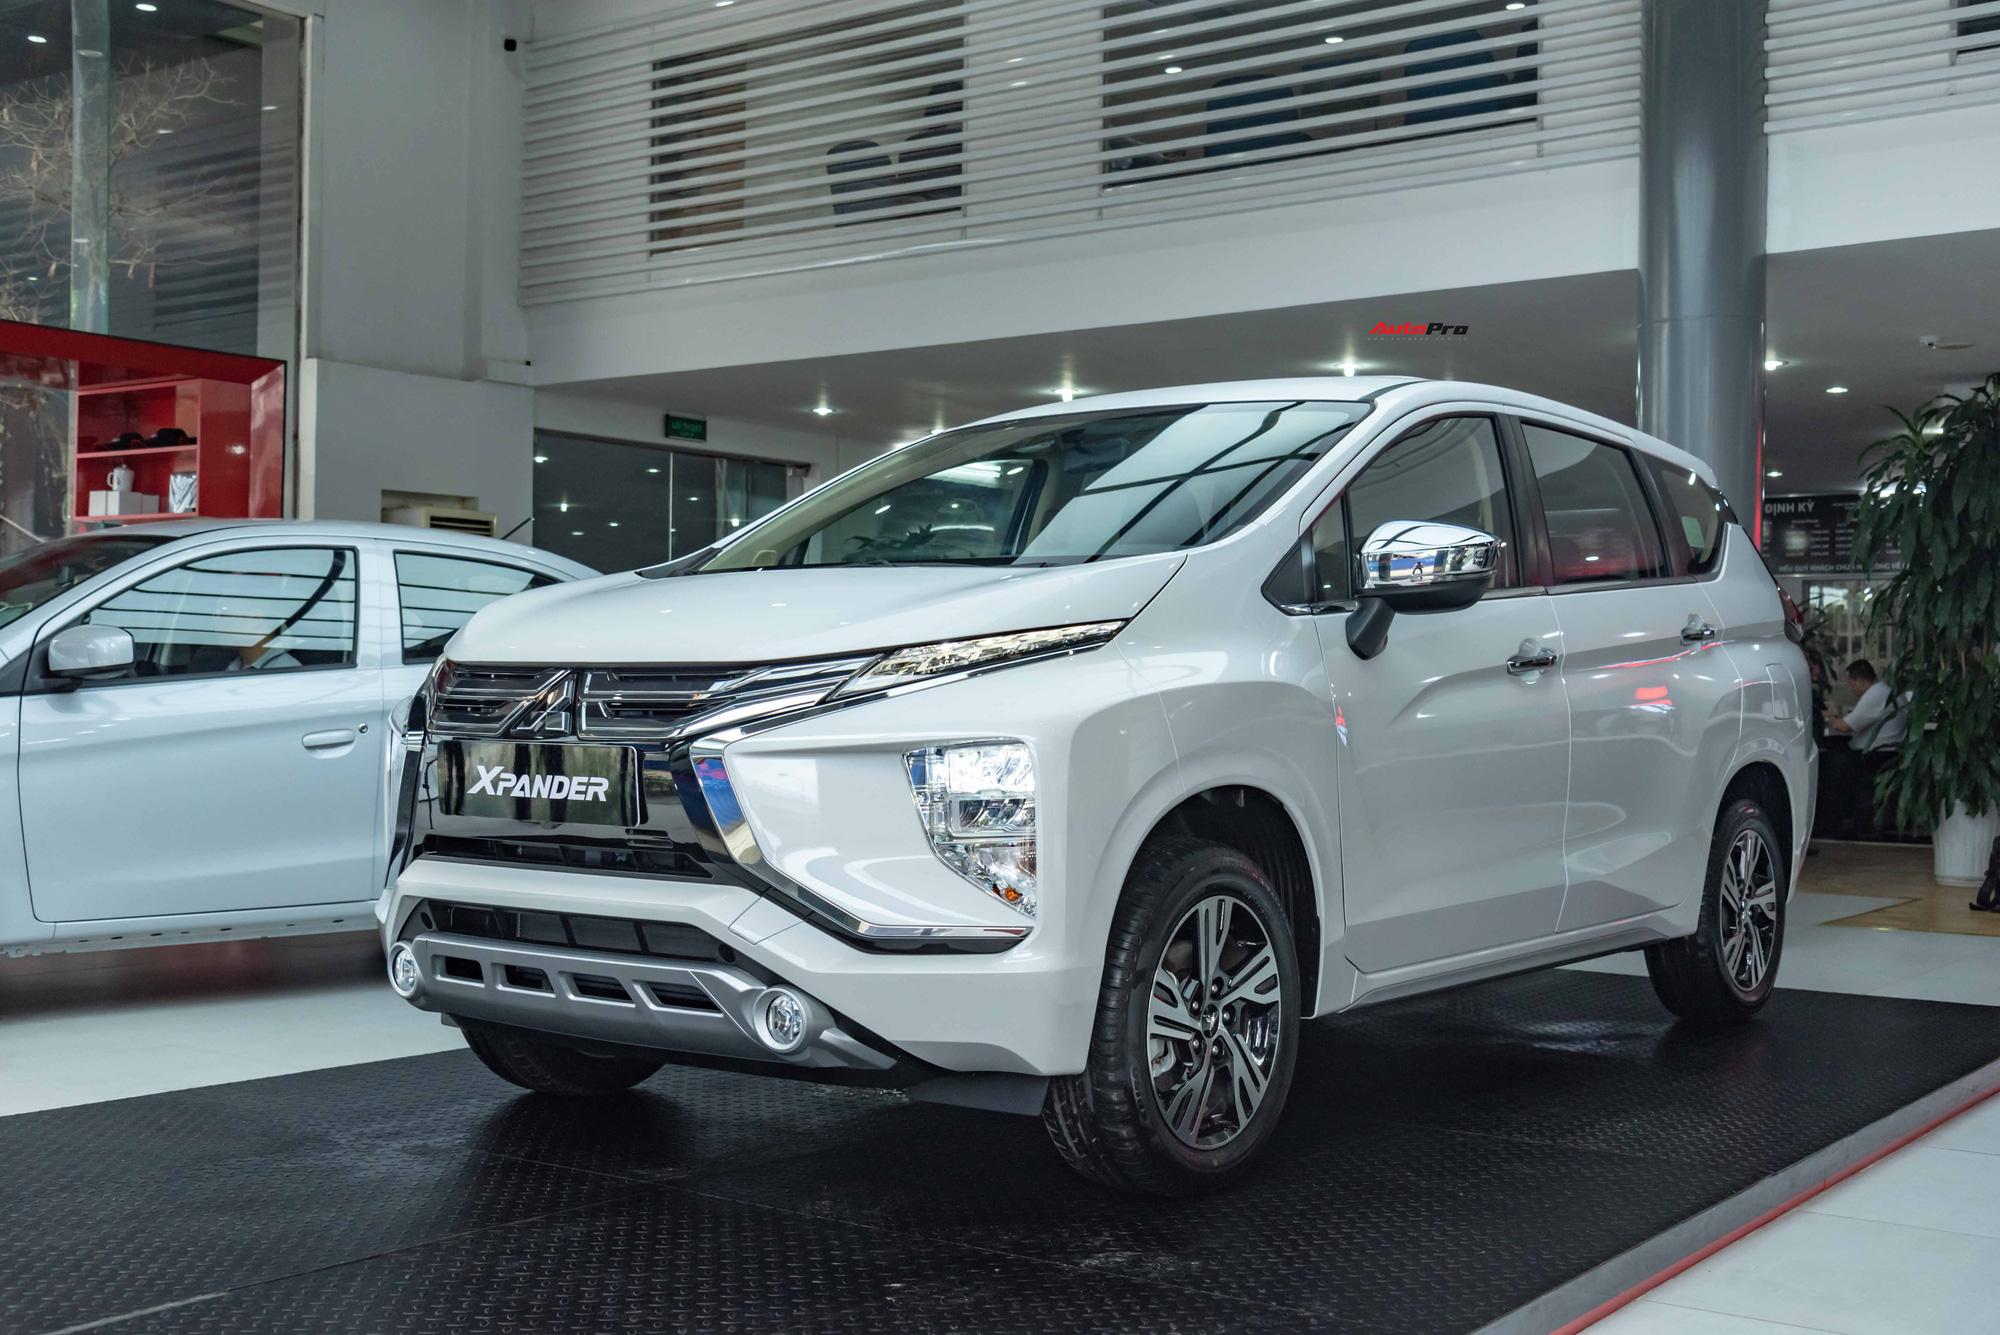 Bốc biển ngũ quý '222.22', chủ xe Mitsubishi Xpander lập tức rao bán giá 1 tỷ 350 triệu đồng - Ảnh 3.